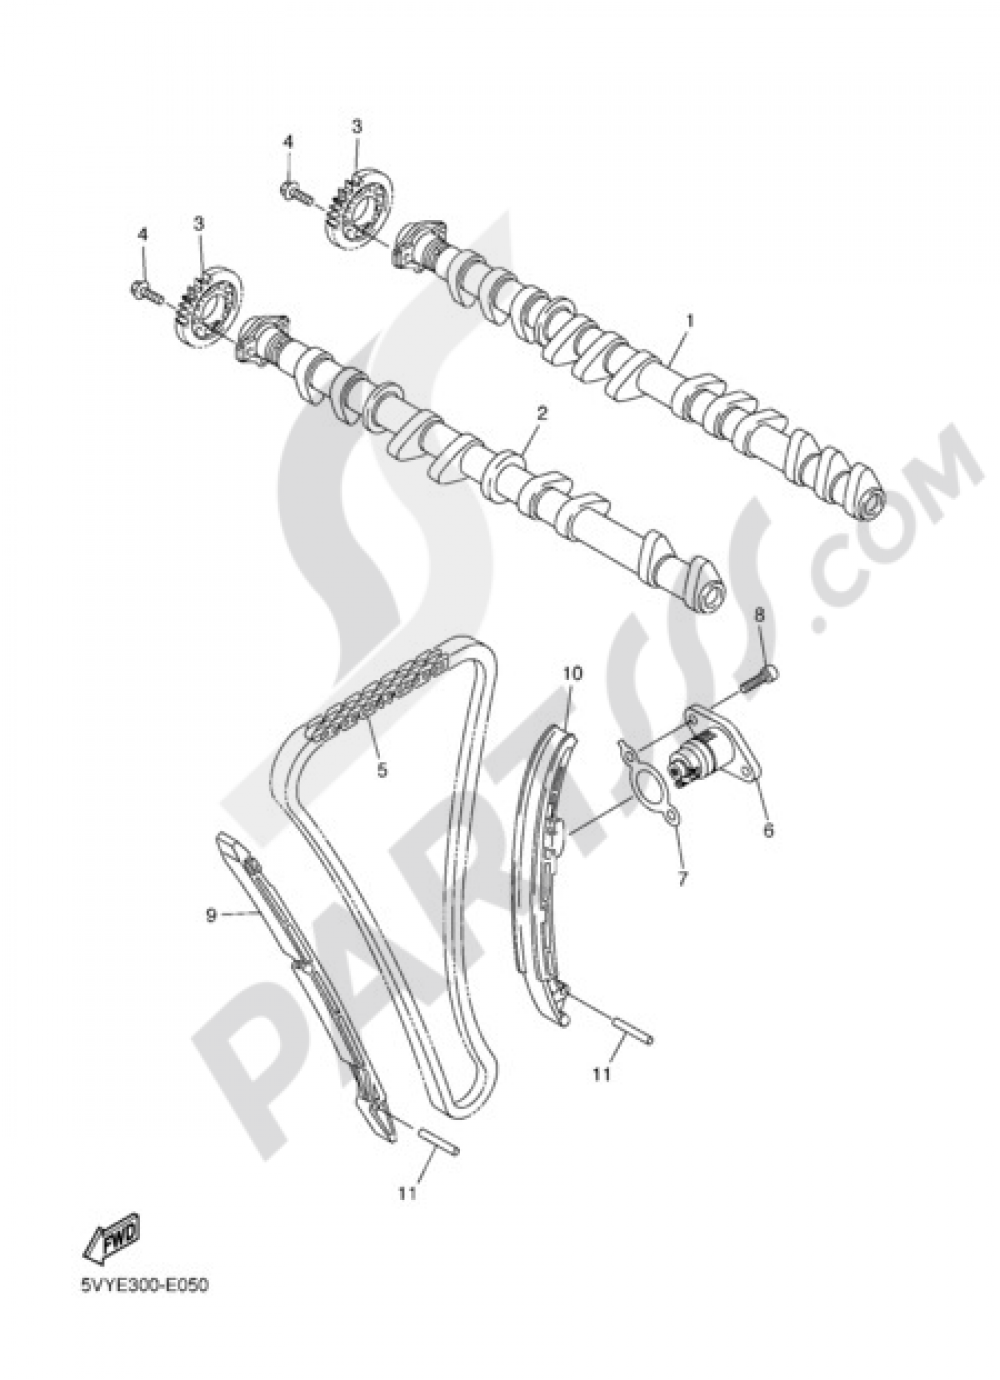 CAMSHAFT & CHAIN Yamaha FZ1 Fazer ABS 2011